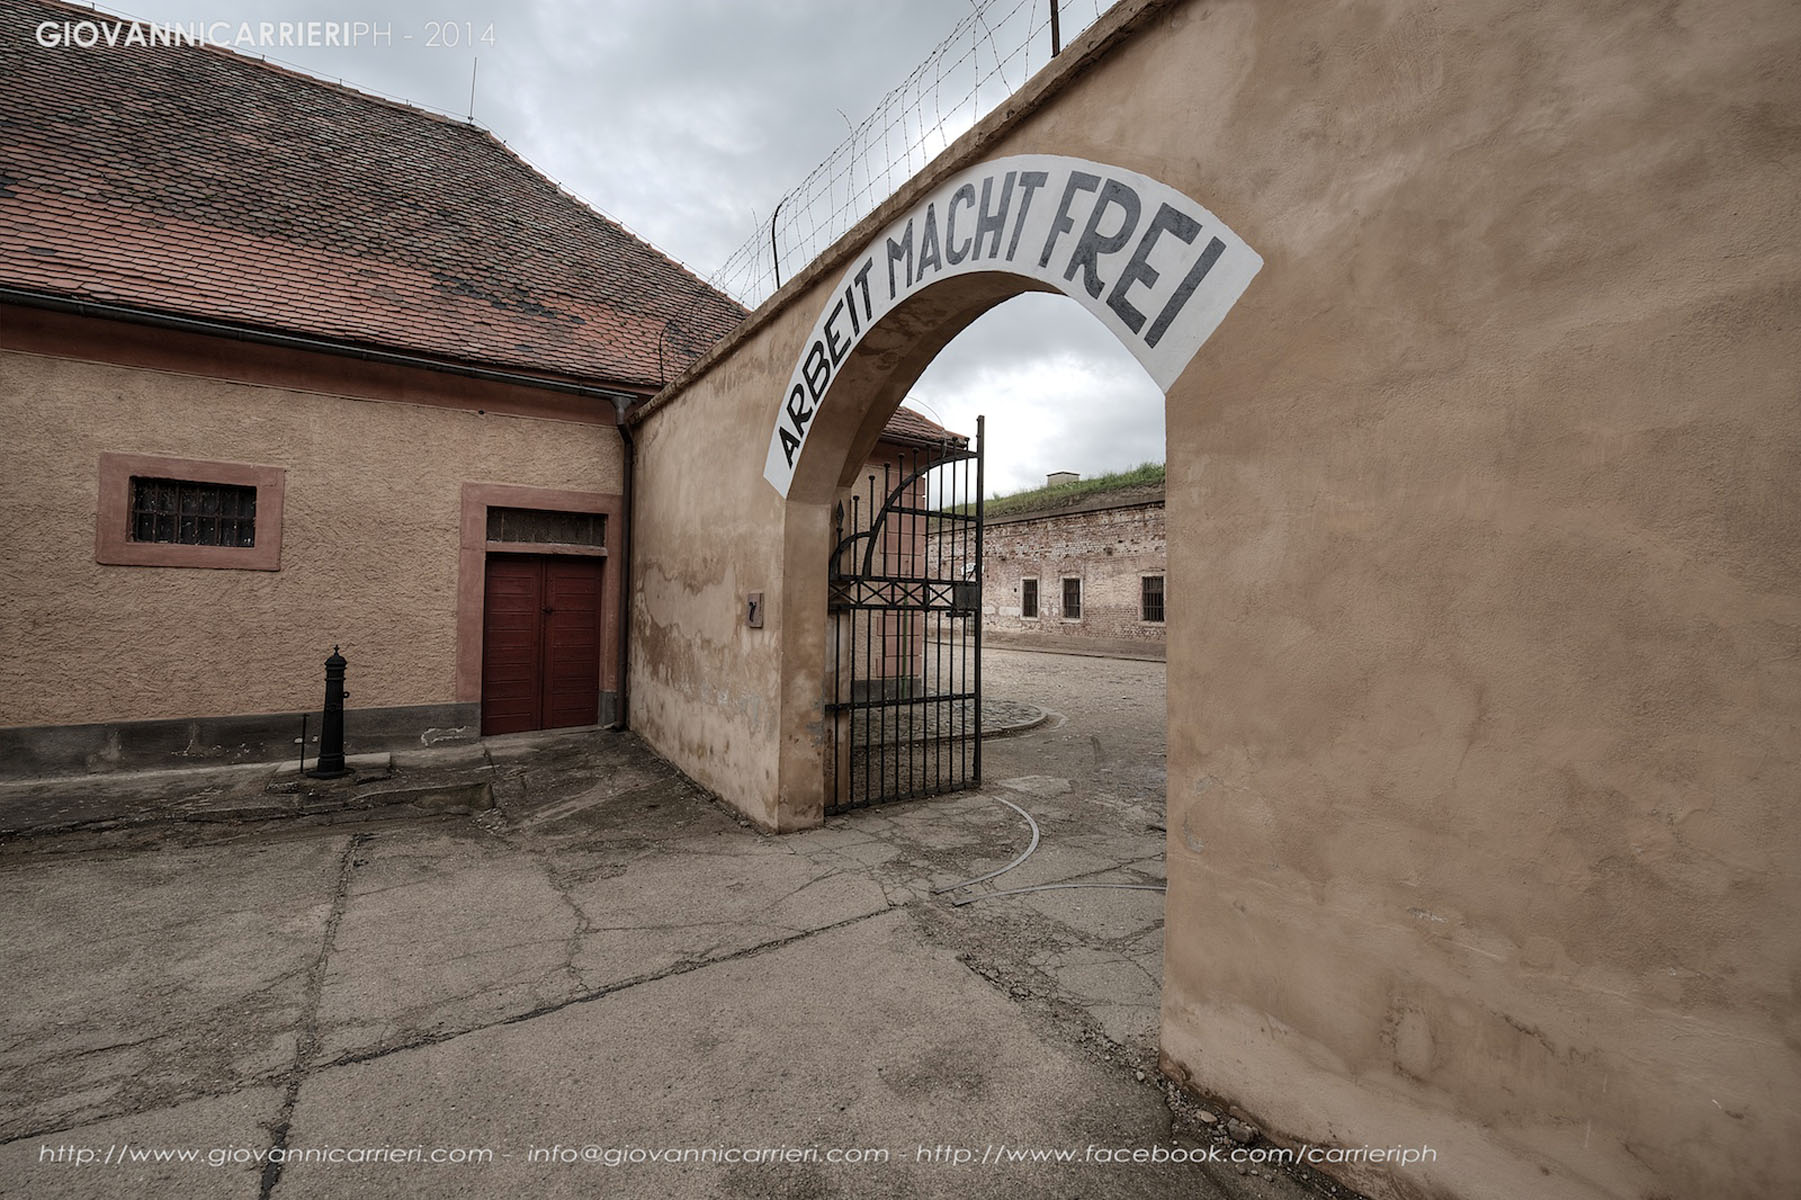 L'ingresso principale ed il blocco A - con l'insegna Arbeit Macht Frei